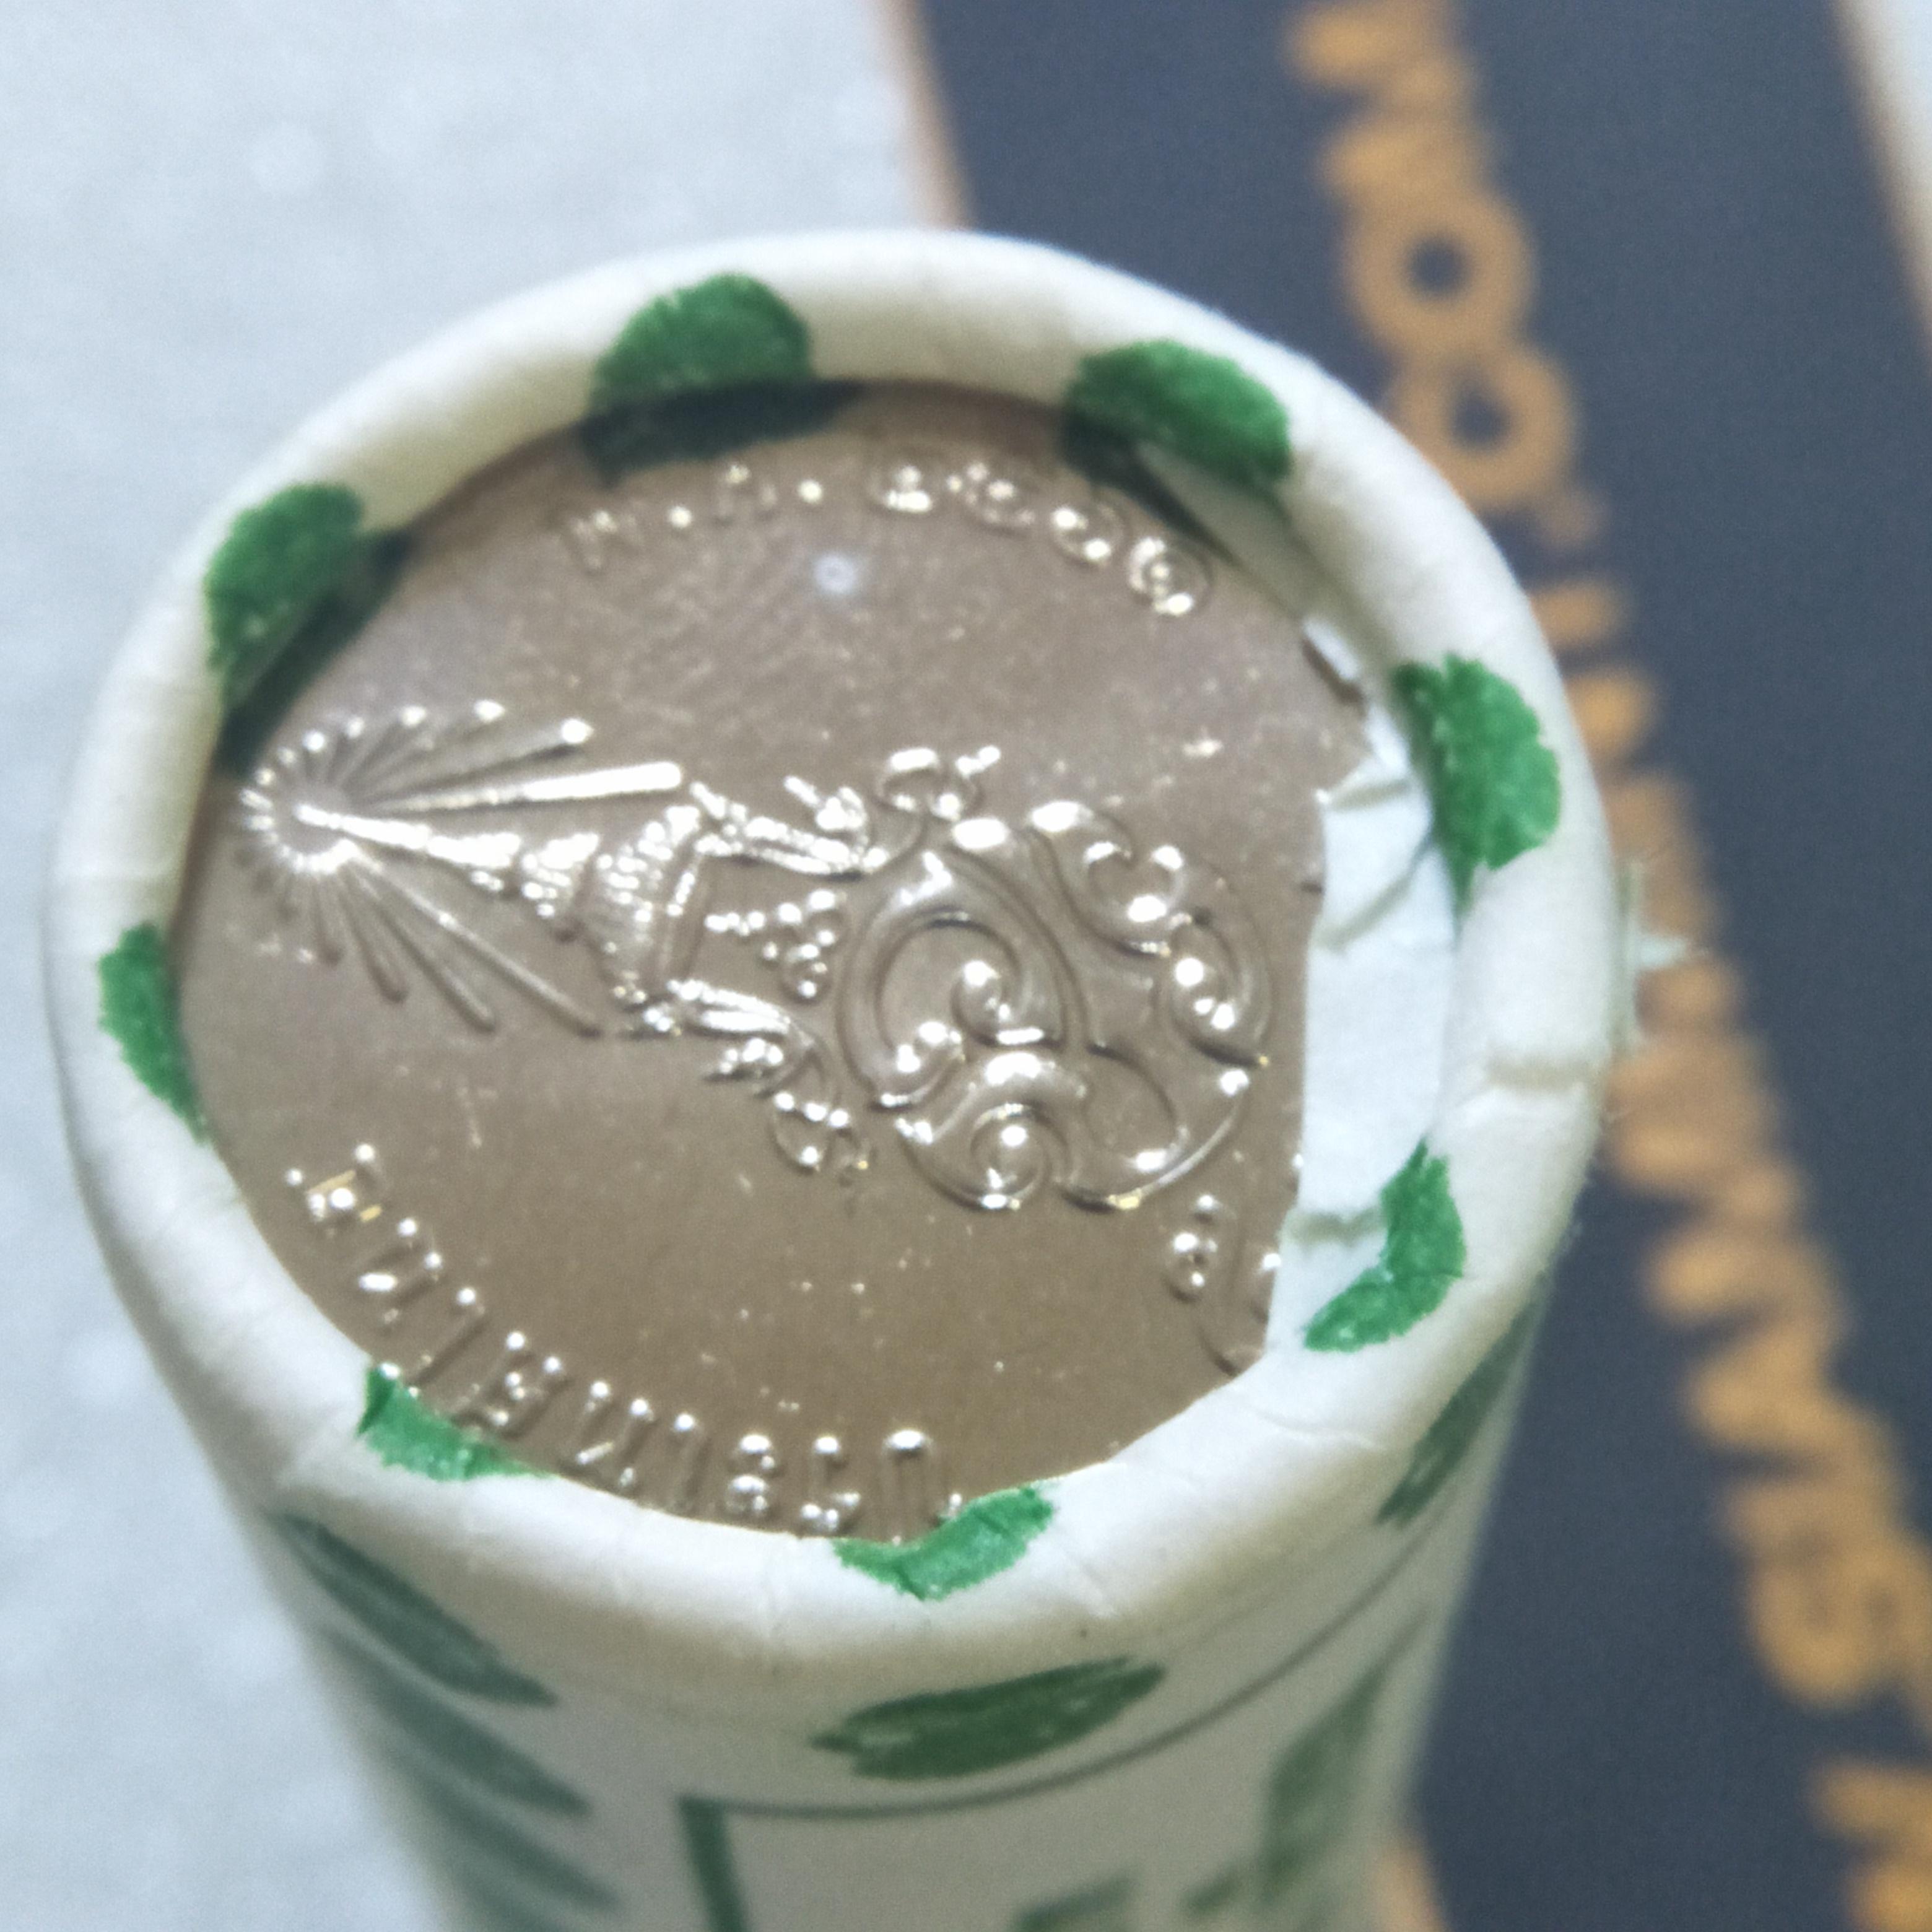 เหรียญ 5 บาท 2561 UNC แบบหลอด